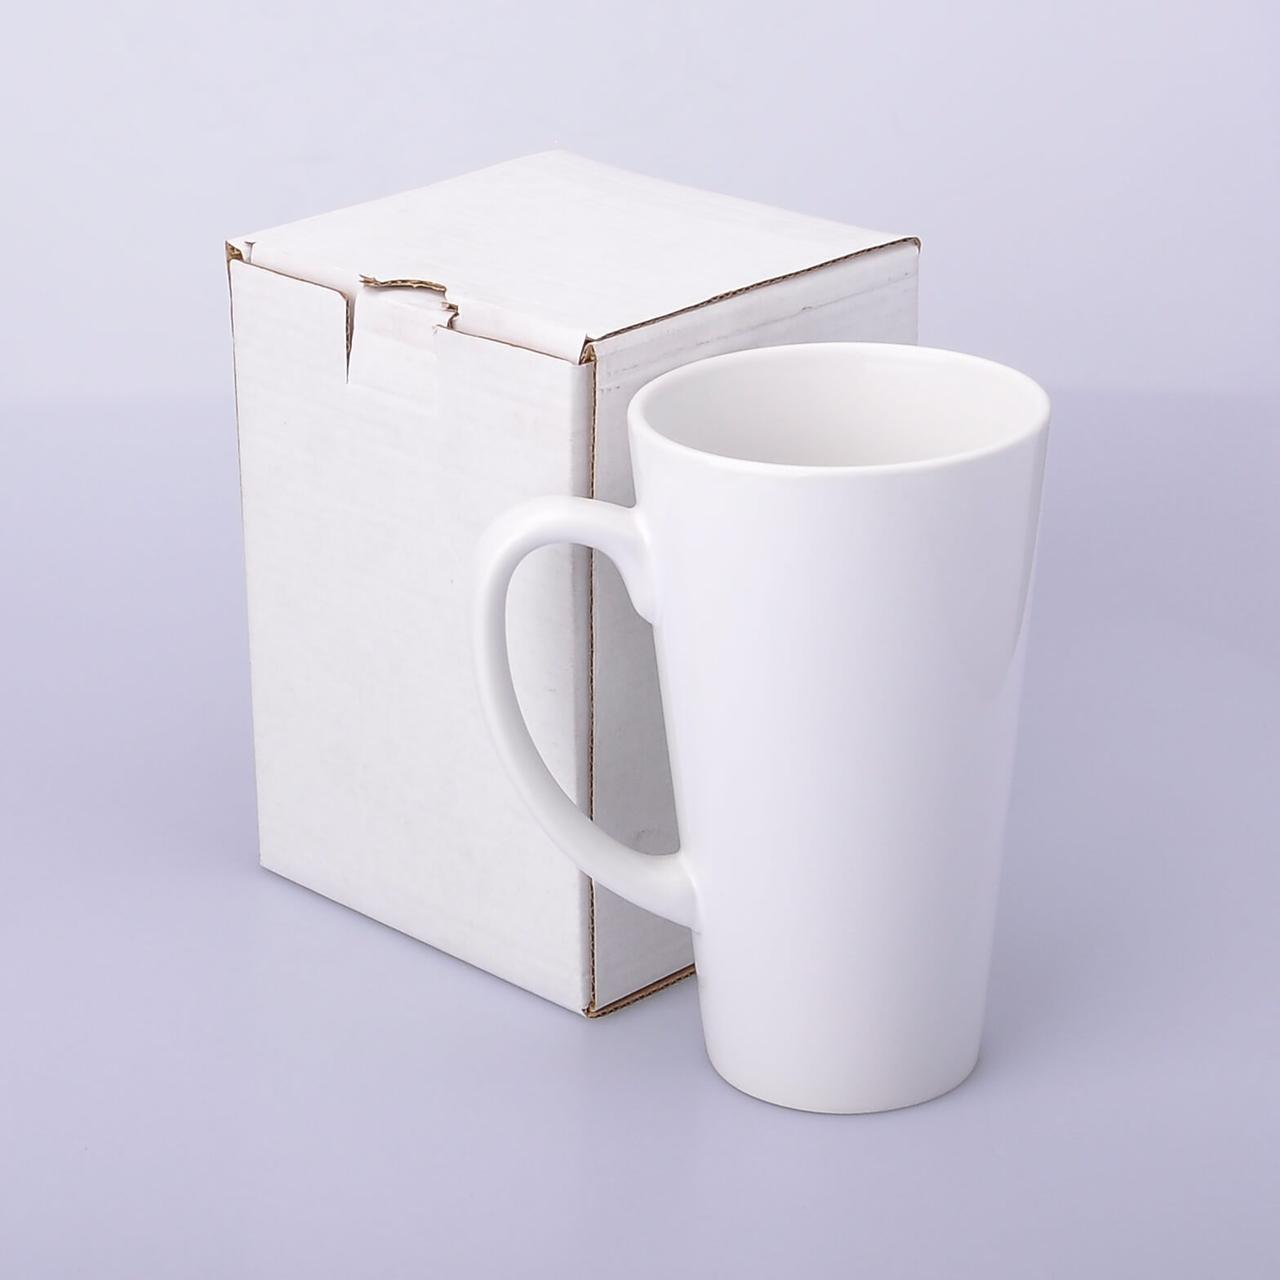 Упаковка белая из картона для чашек Latte высоких и стаканов